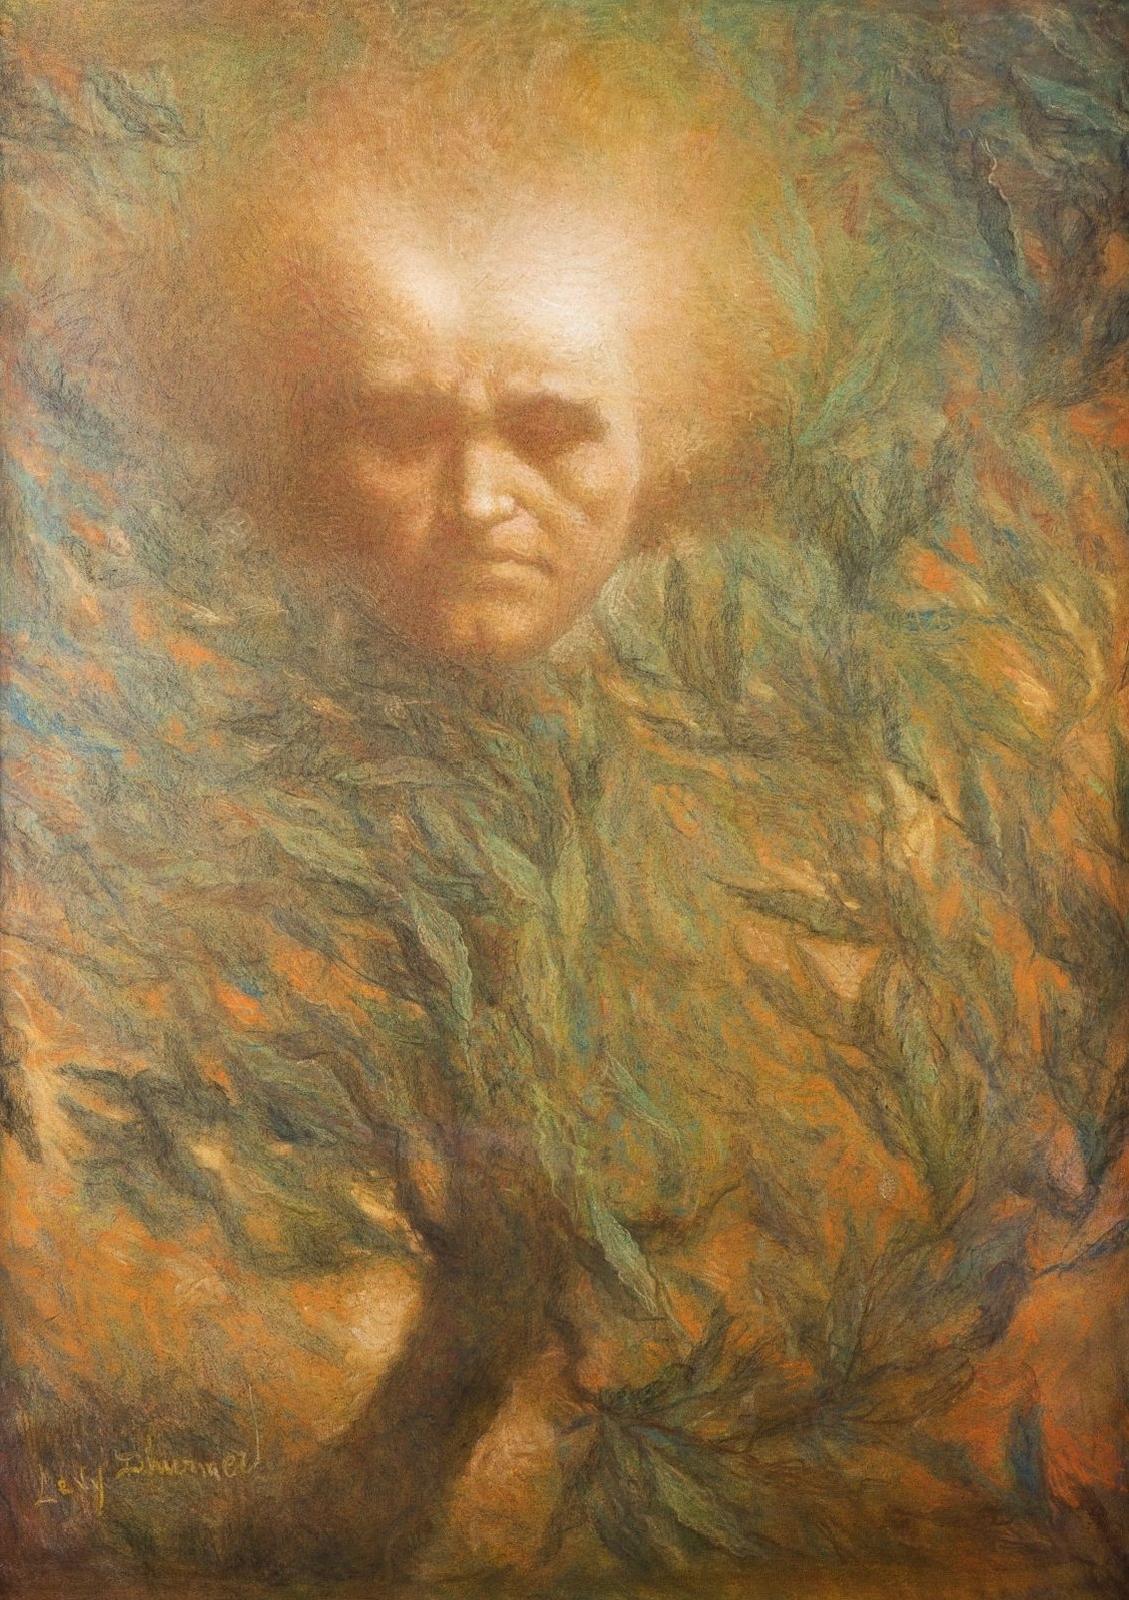 Бетховен, маска (Beethoven, le masque)_88 х 62_пастель_Частное собрание.jpg